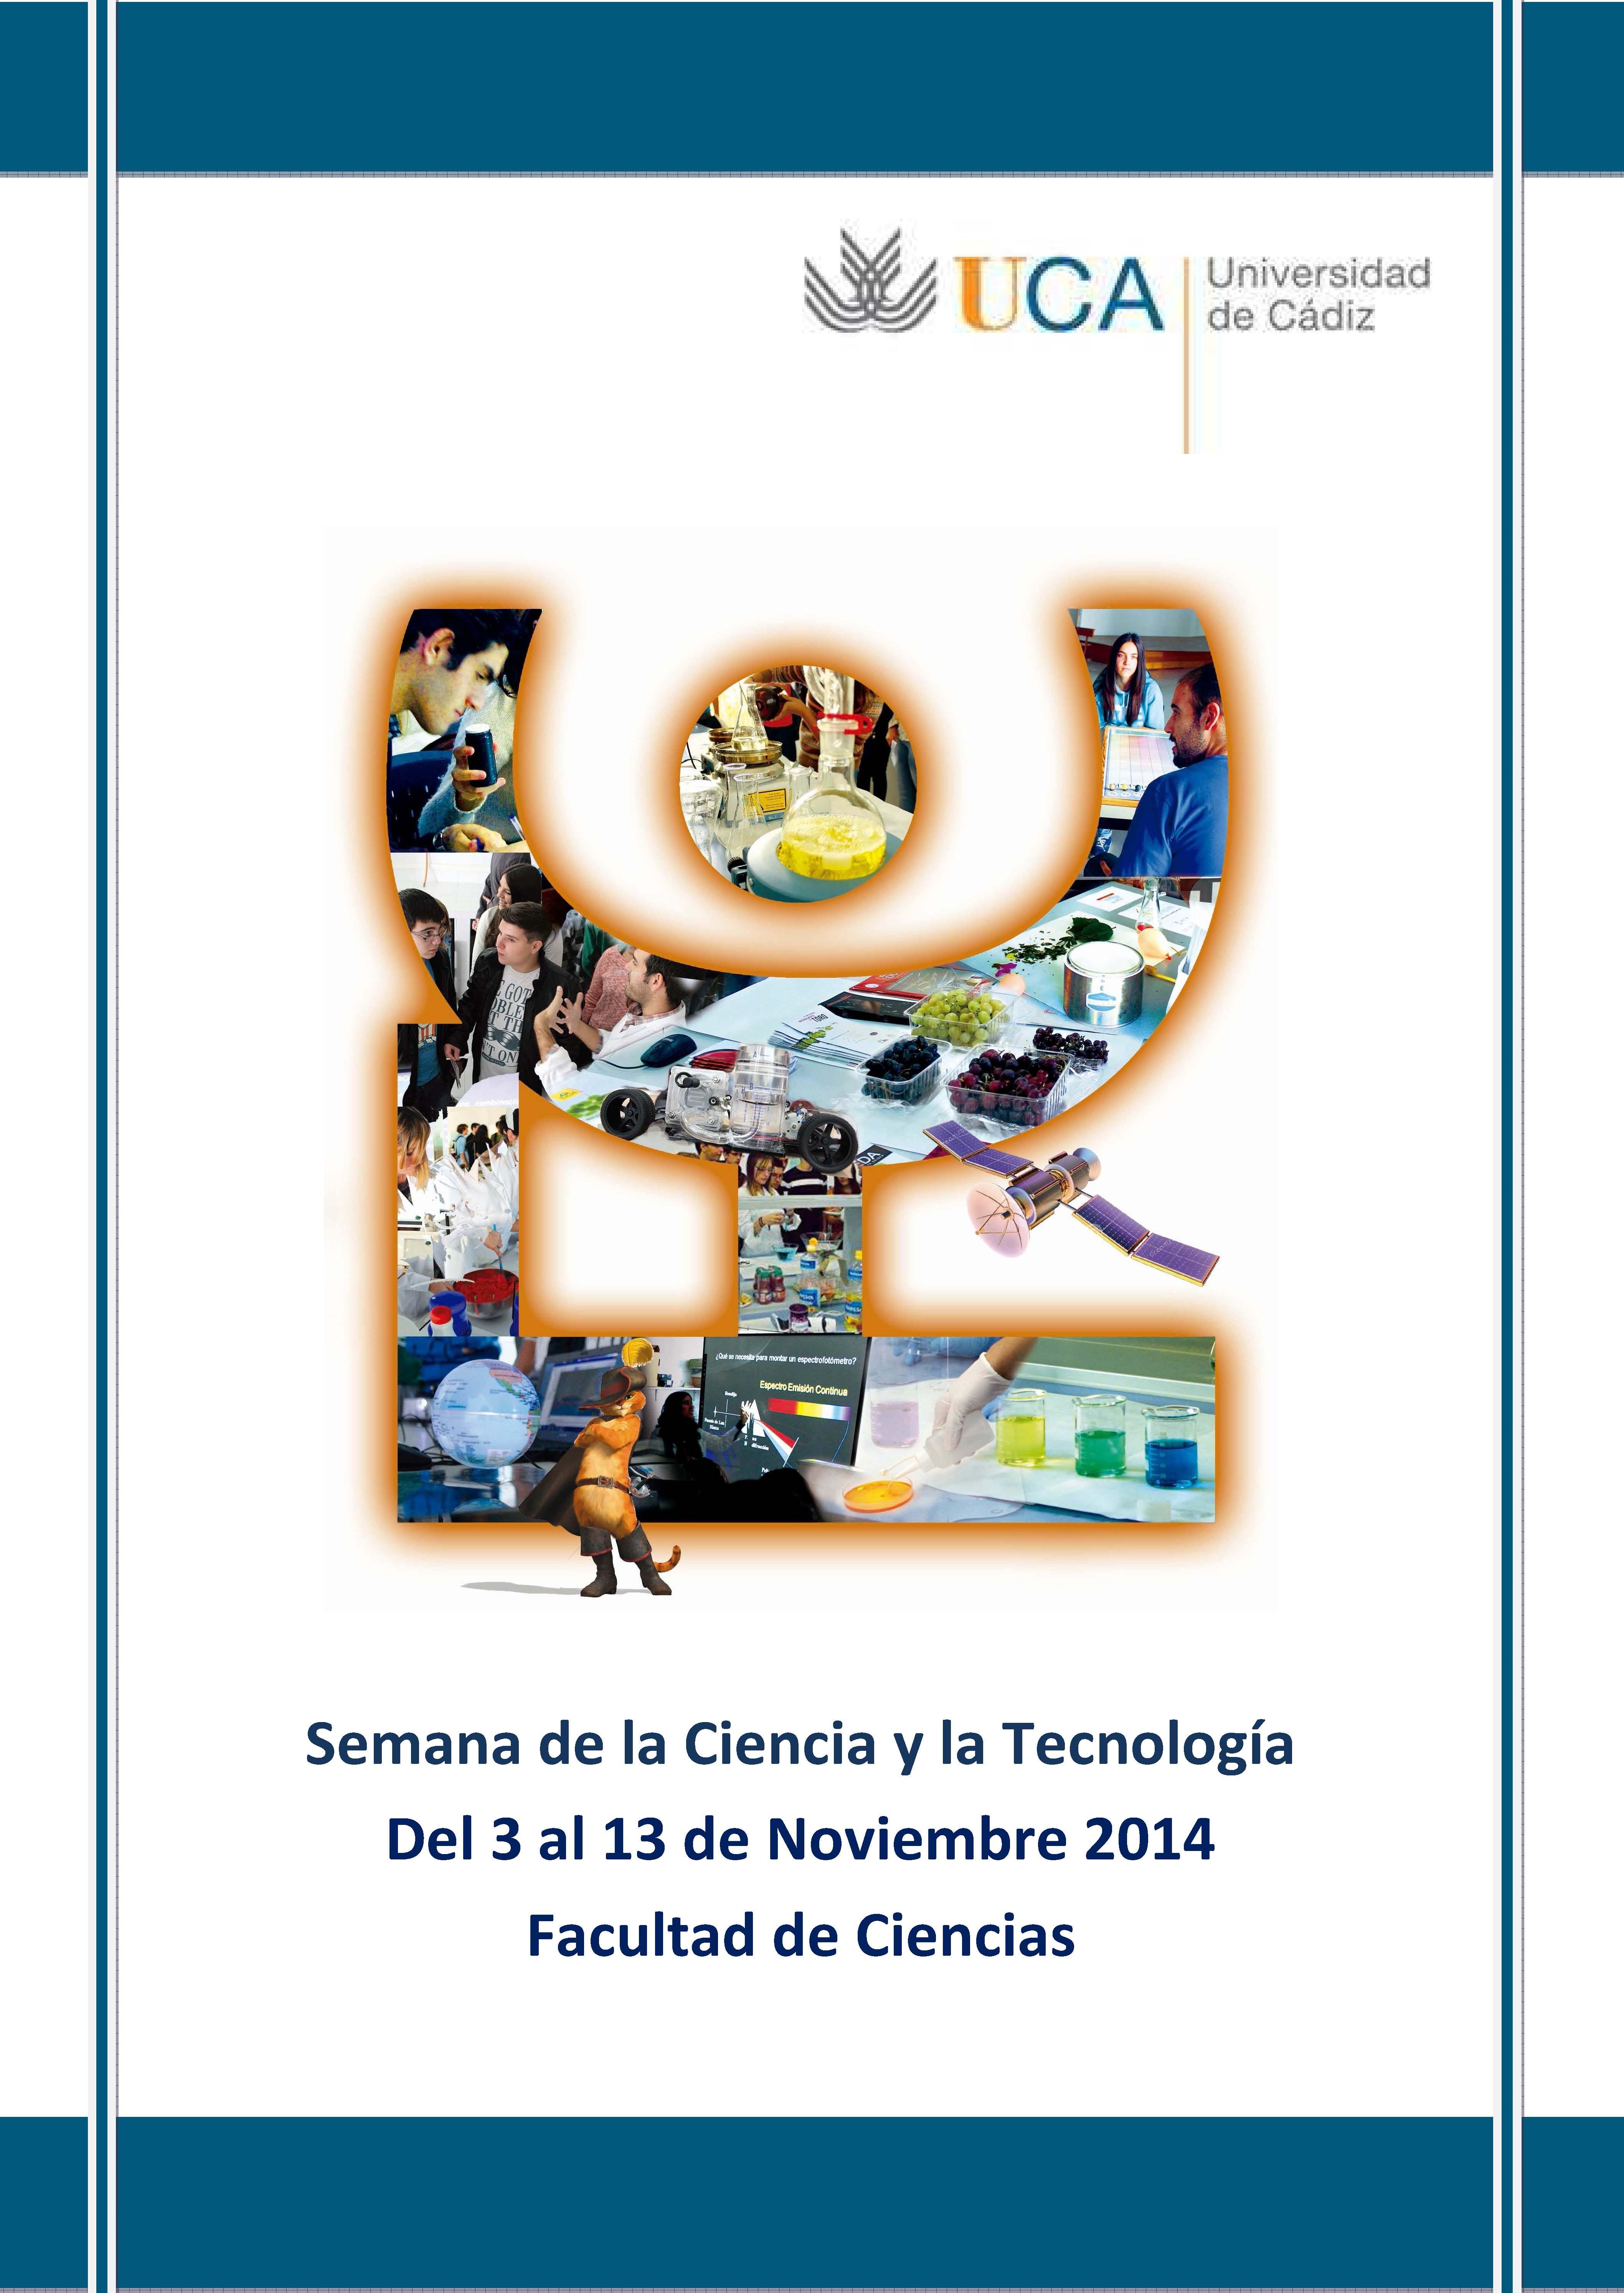 Semana de la Ciencia y la Tecnología. 5 de Noviembre.